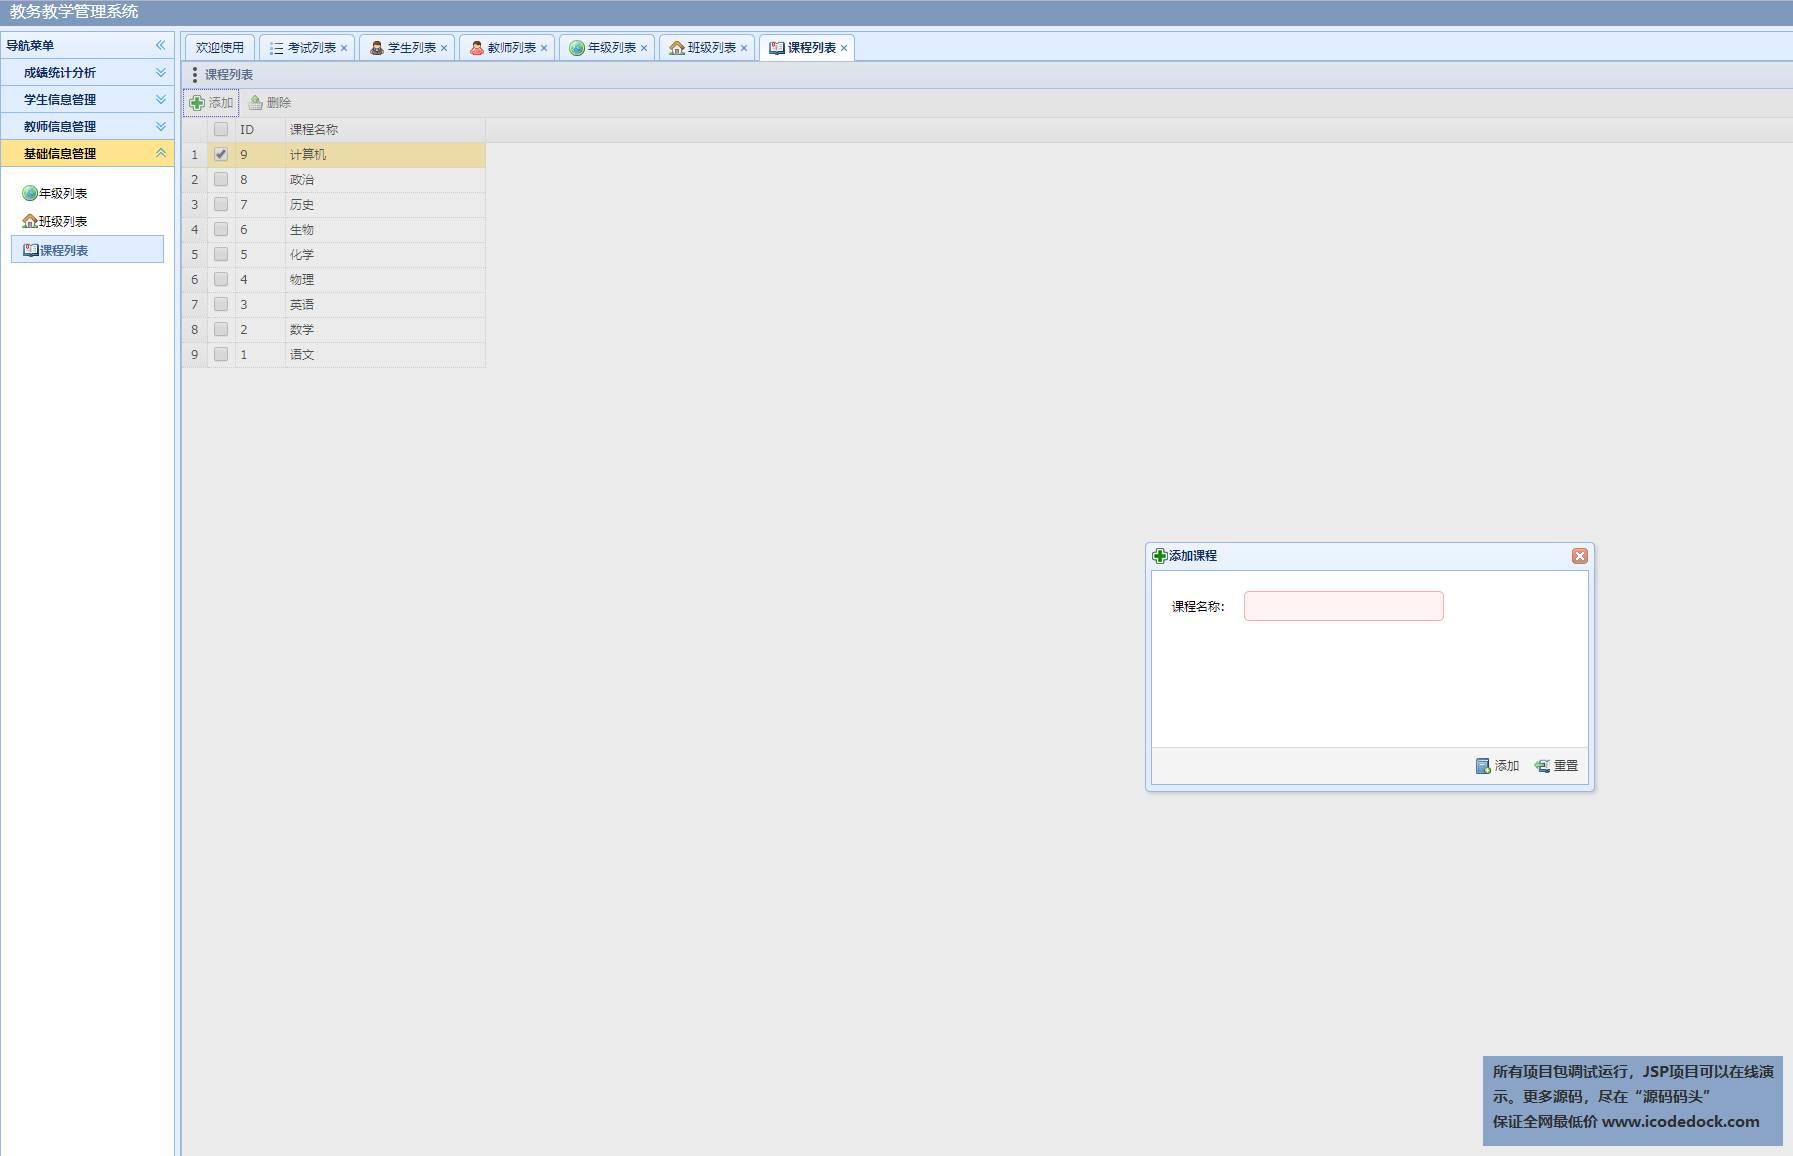 源码码头-JSP教务教学管理系统-管理员角色-课程信息管理